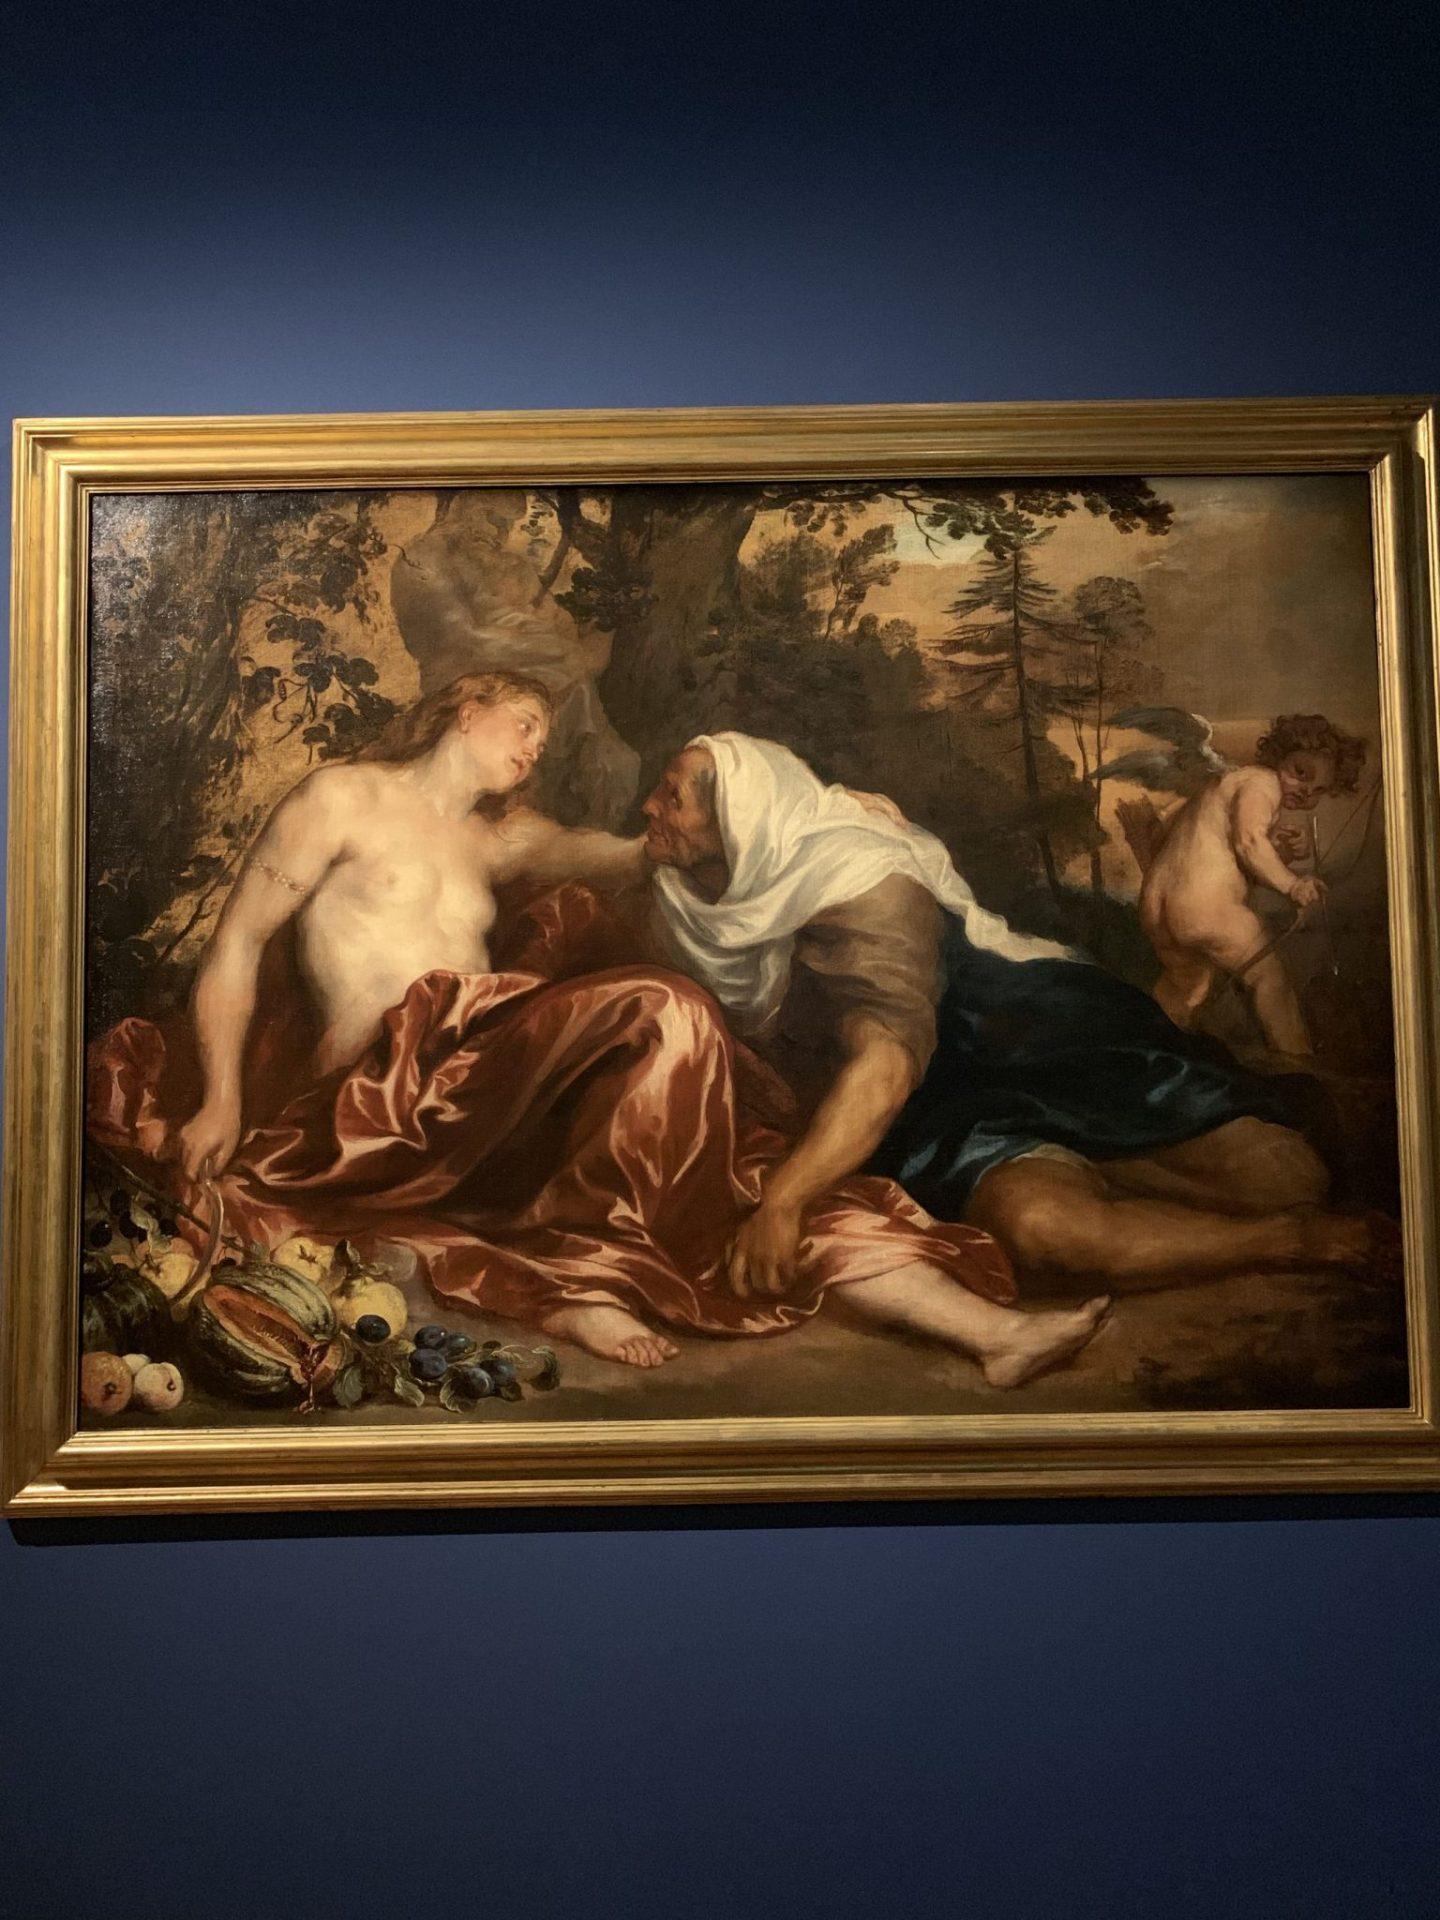 van dyck in turin painting - Van Dyck in Turin